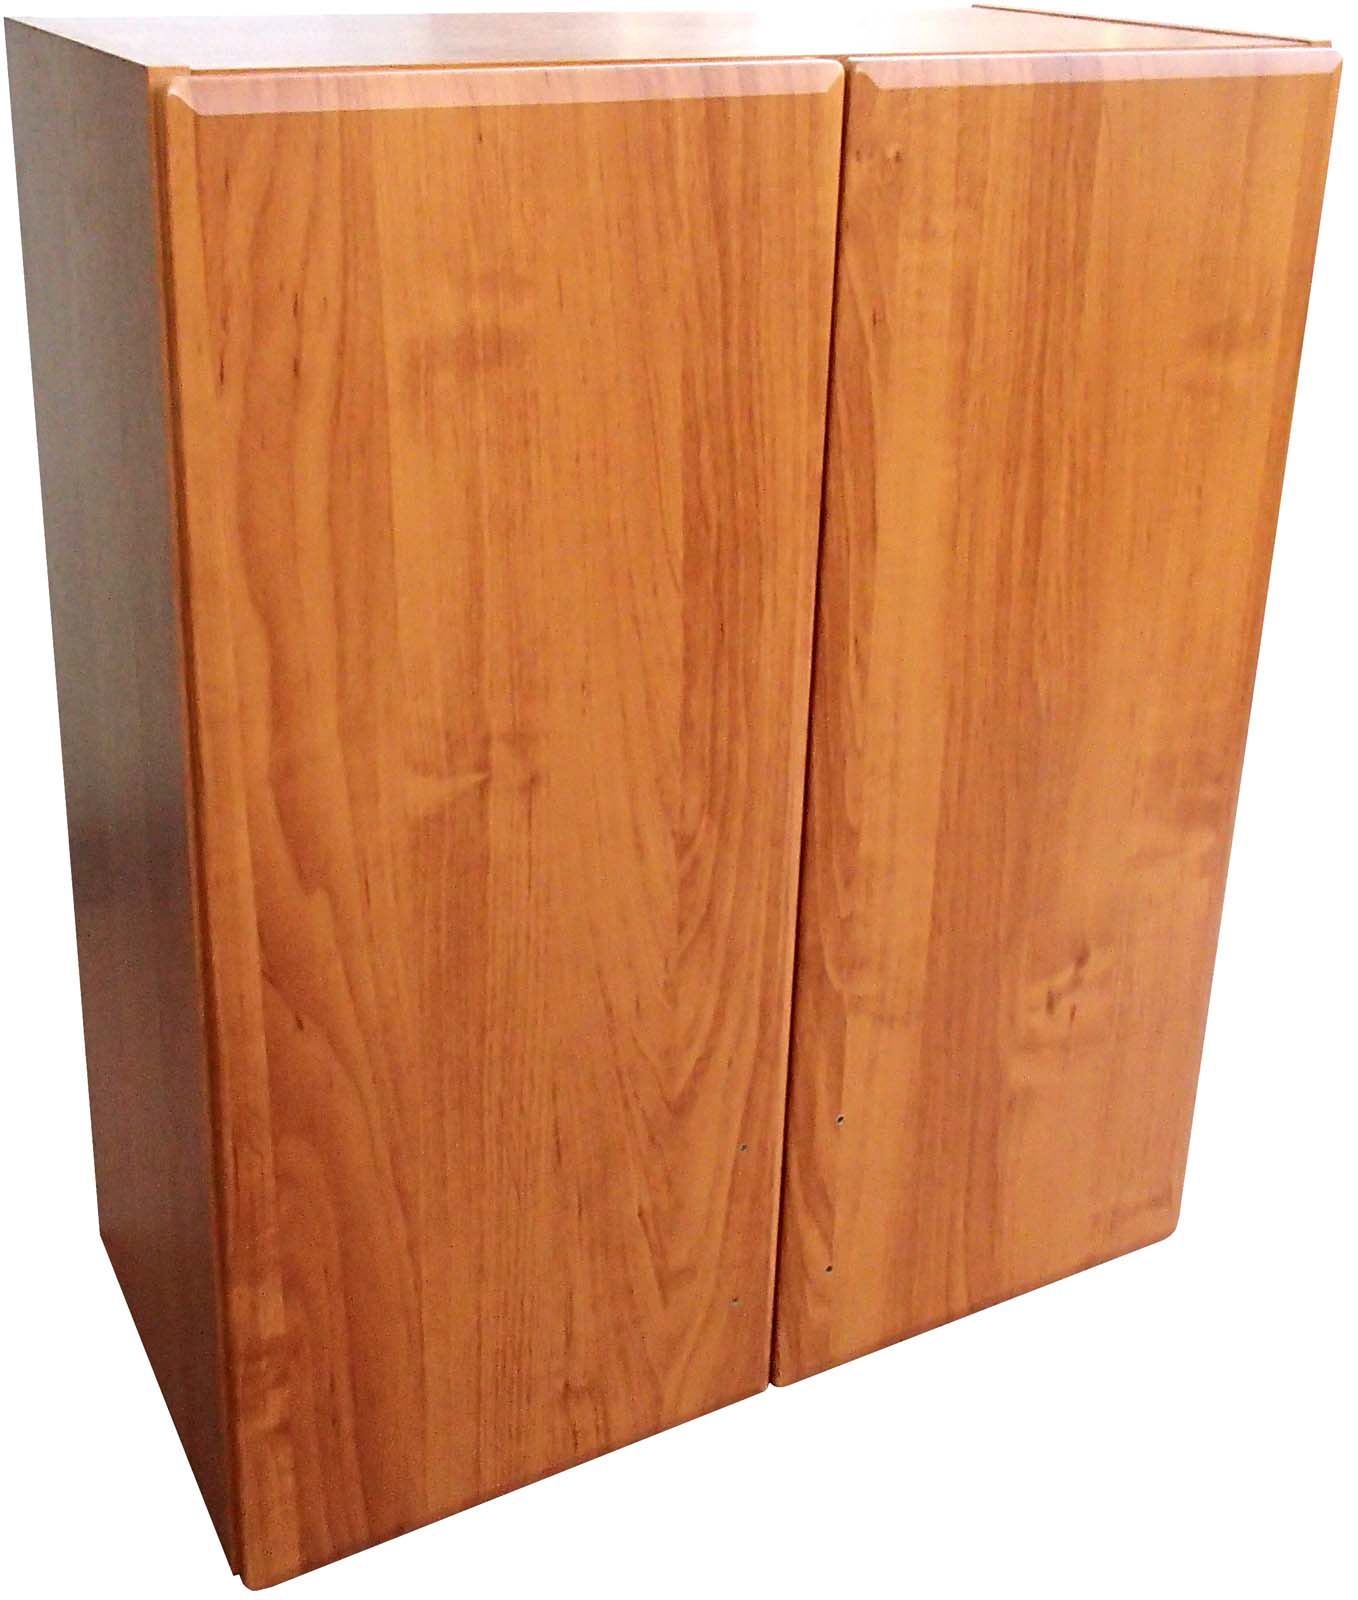 Horní kuchyňská skříňka 60 cm 2D olše